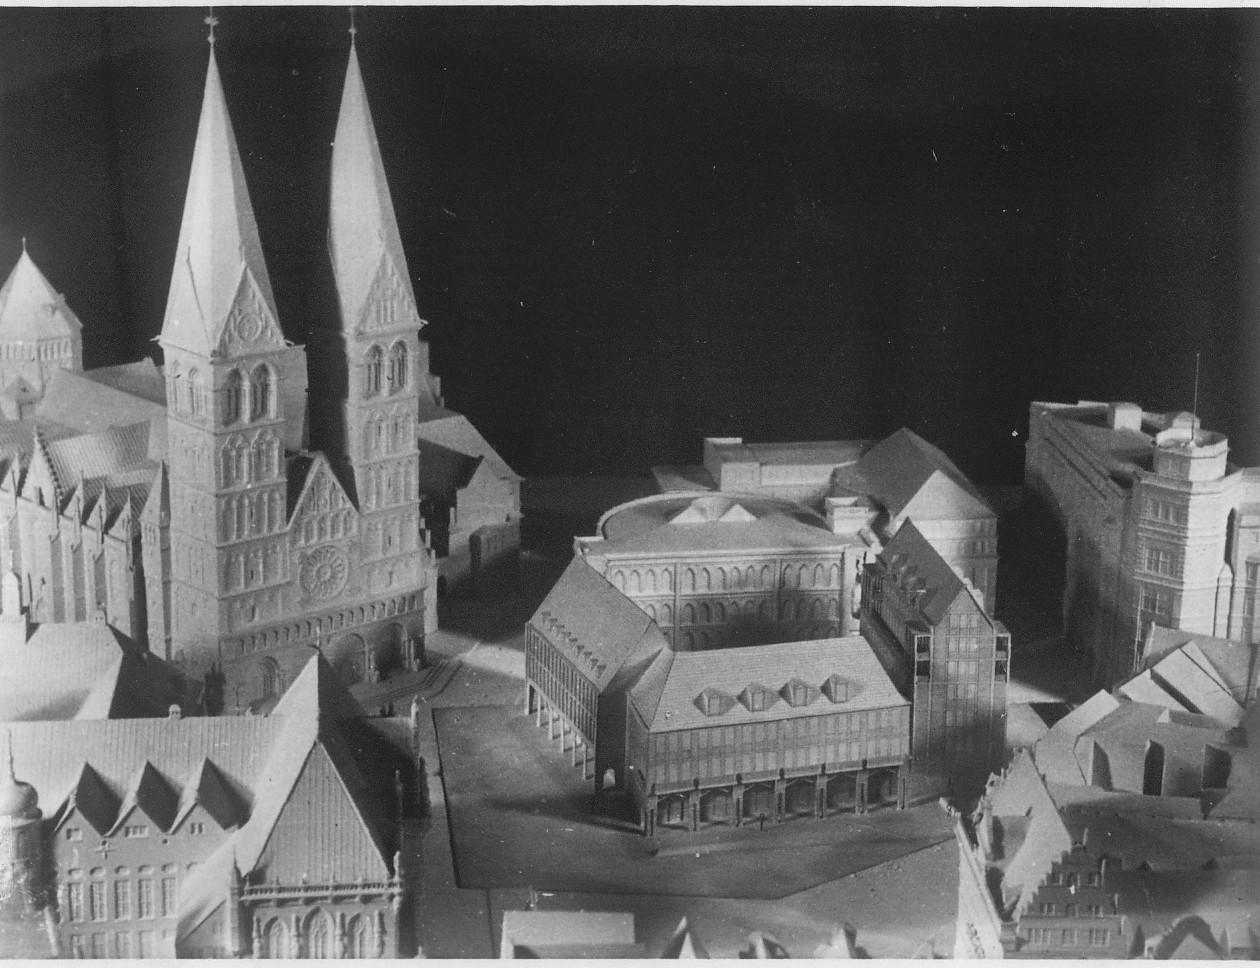 Erster Wettbewerb 1951/52: der Entwurf von Kurt Dübbers. Quelle: Bremer Zentrum für Baukultur